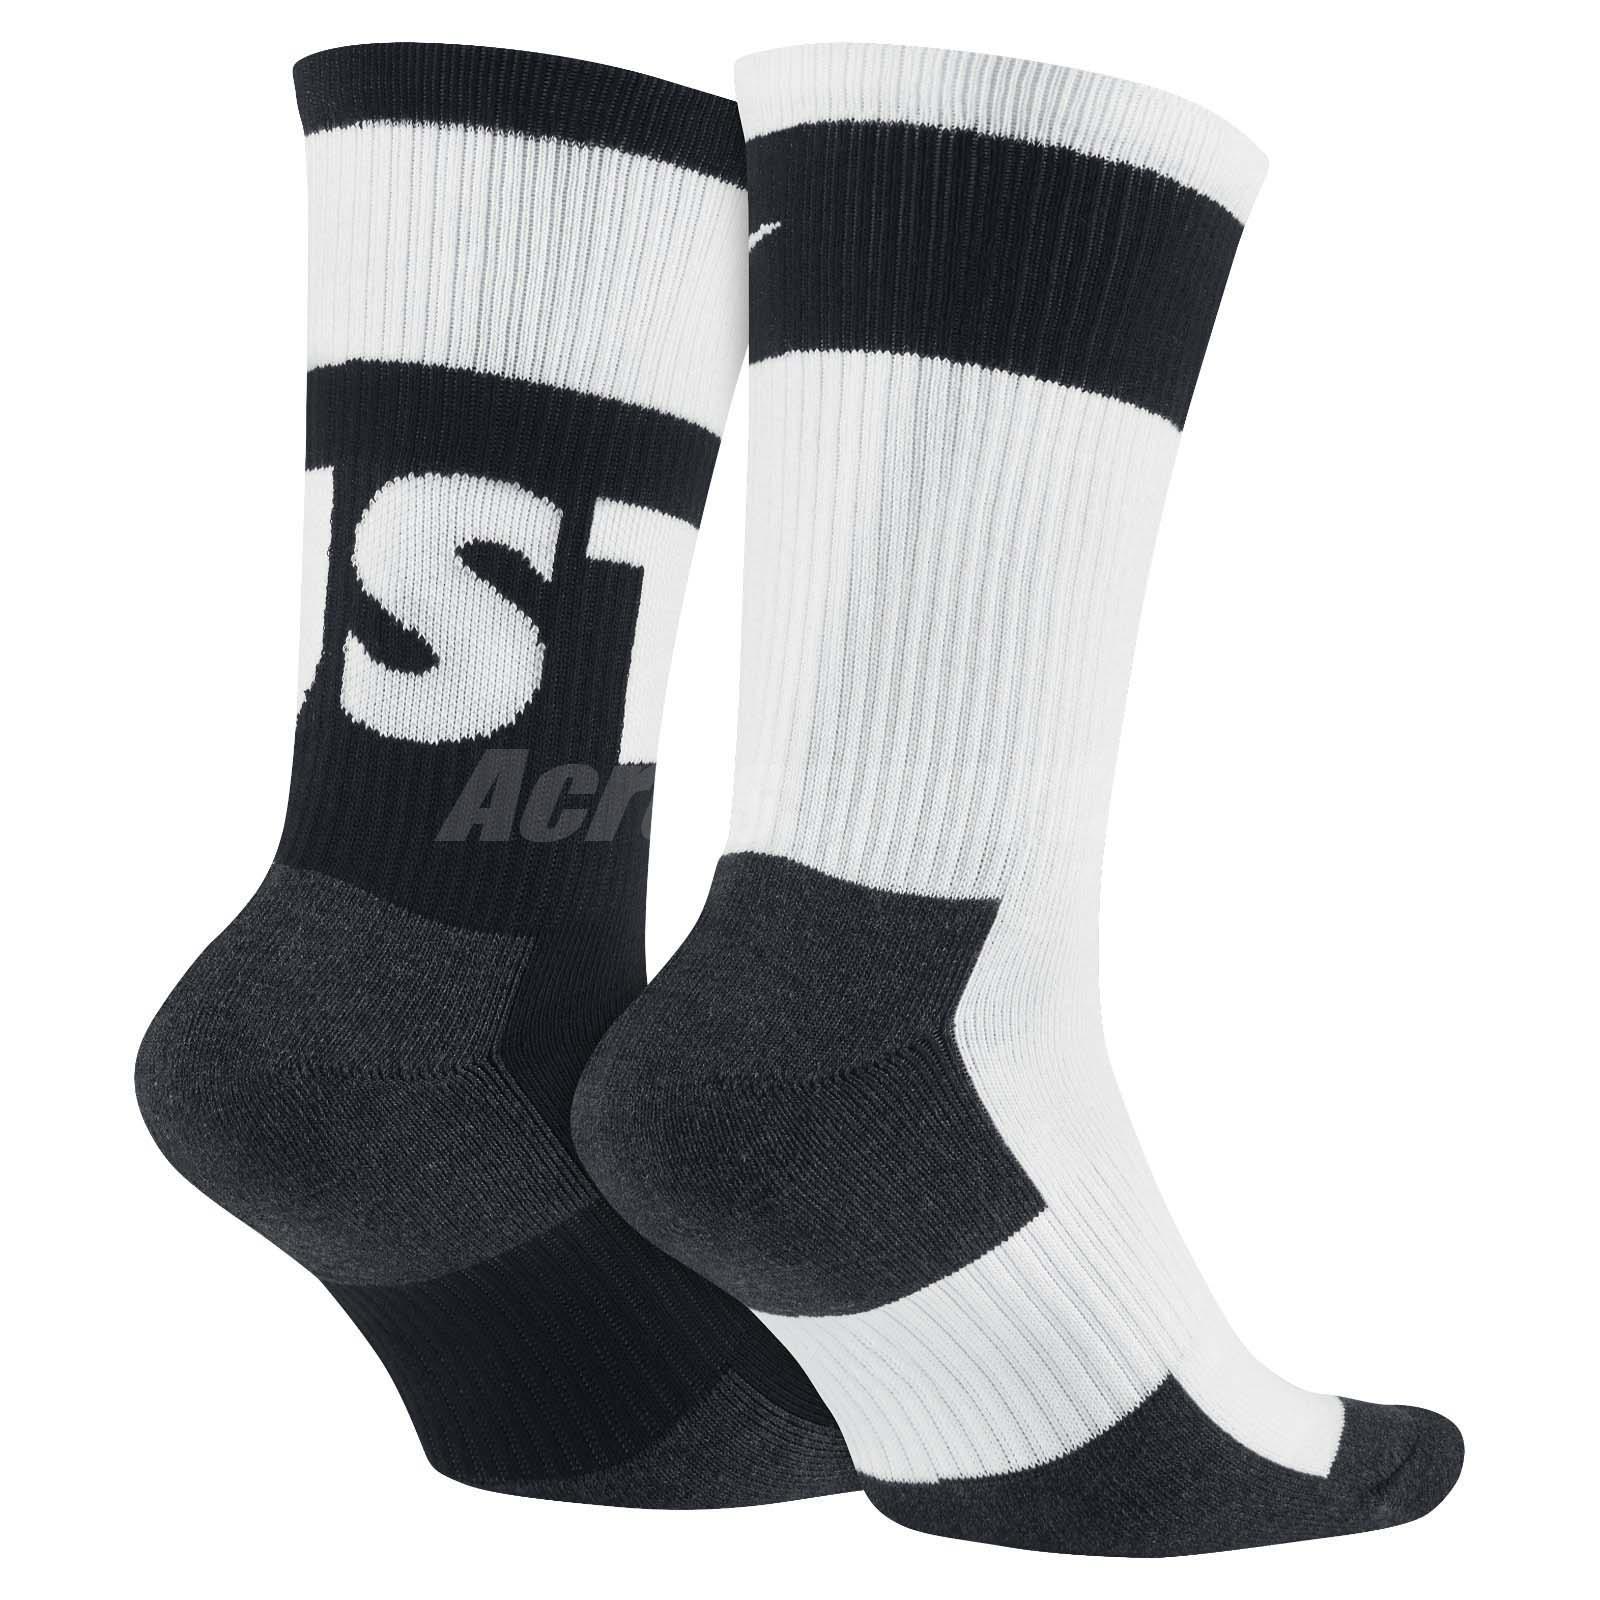 Detalles acerca de Nike Hombres Sportswear Crew Calcetines 2 pares 1 Paquete De Entrenamiento Blanco Negro SX5770 940 mostrar título original